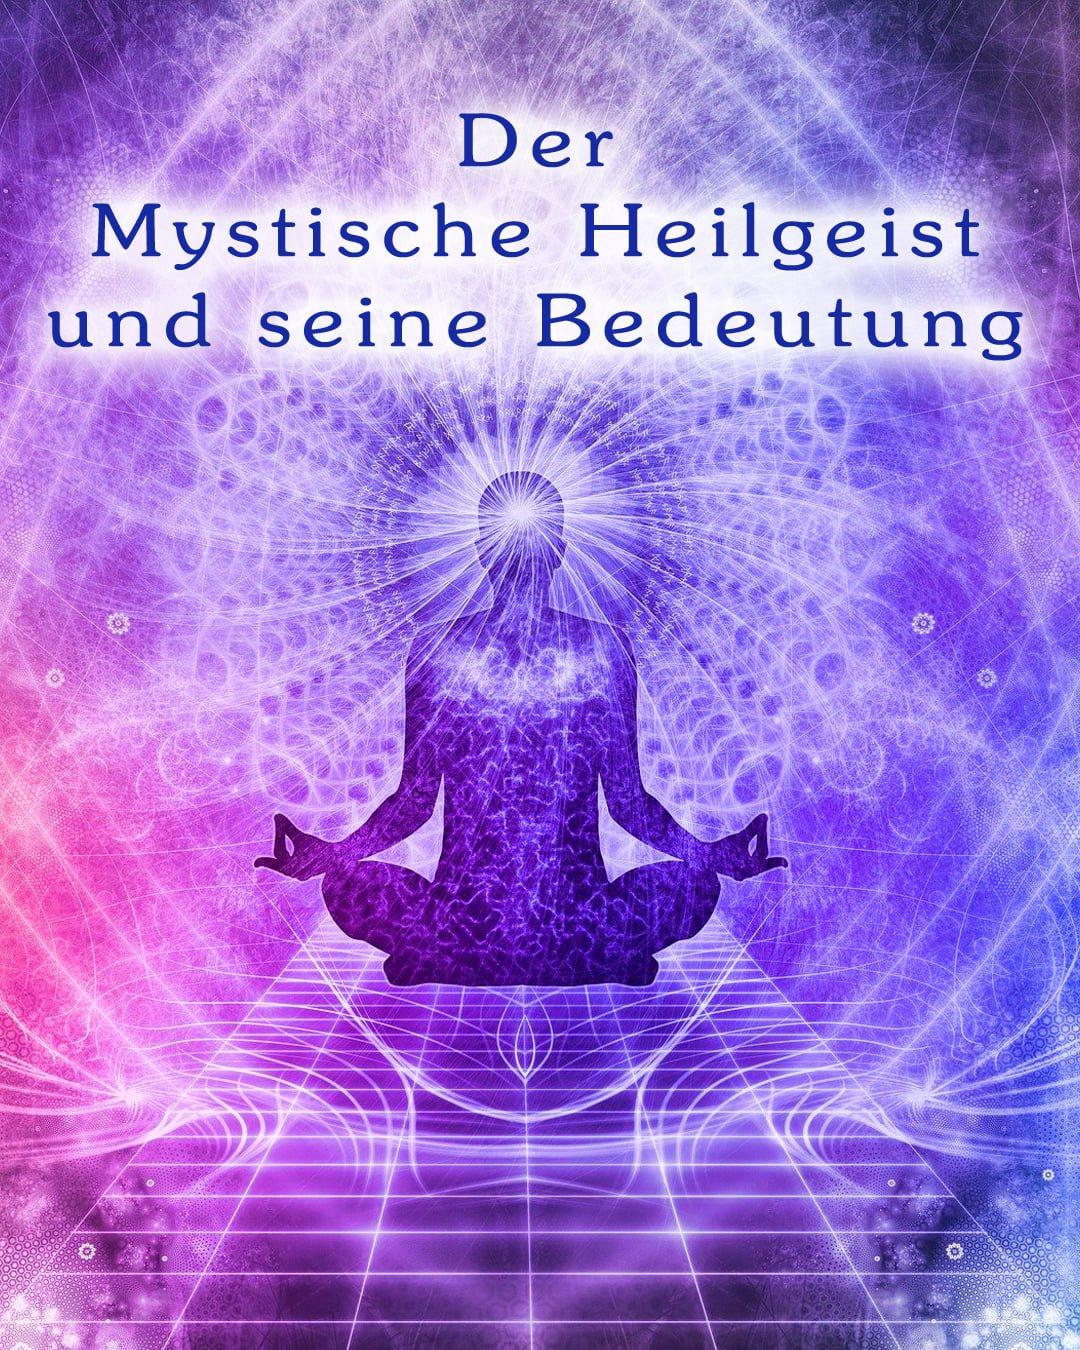 der mystische Heilgeist